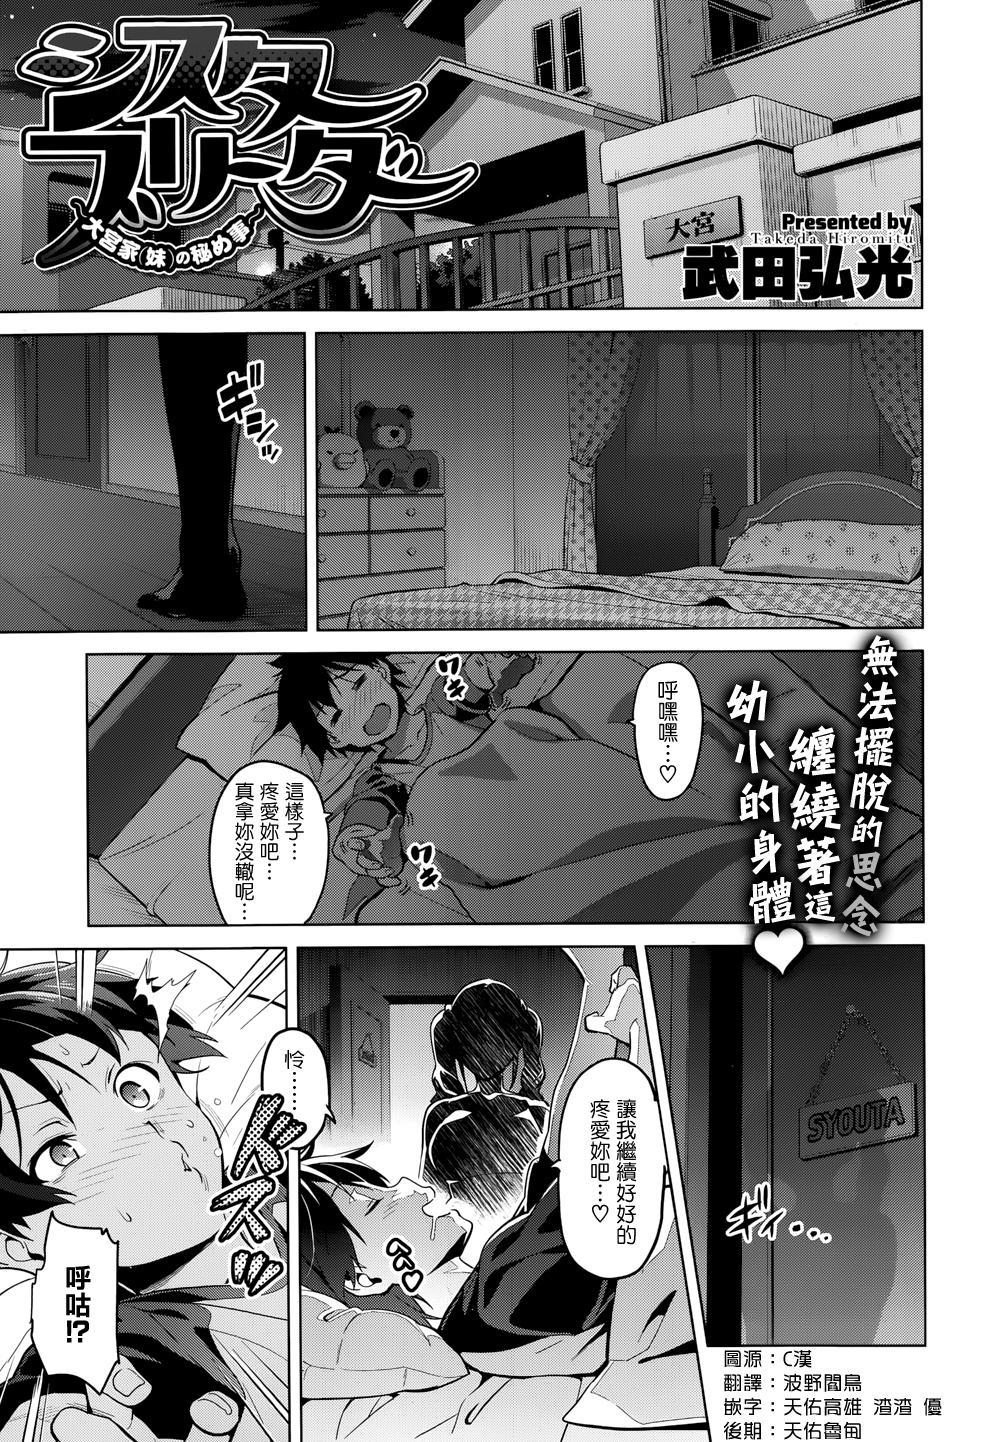 [武田弘光] シスタ ブリーダ~大宮家(妹)の秘め事~(COMIC X-EROS #20) [天鵝之戀漢化](chinese) 0